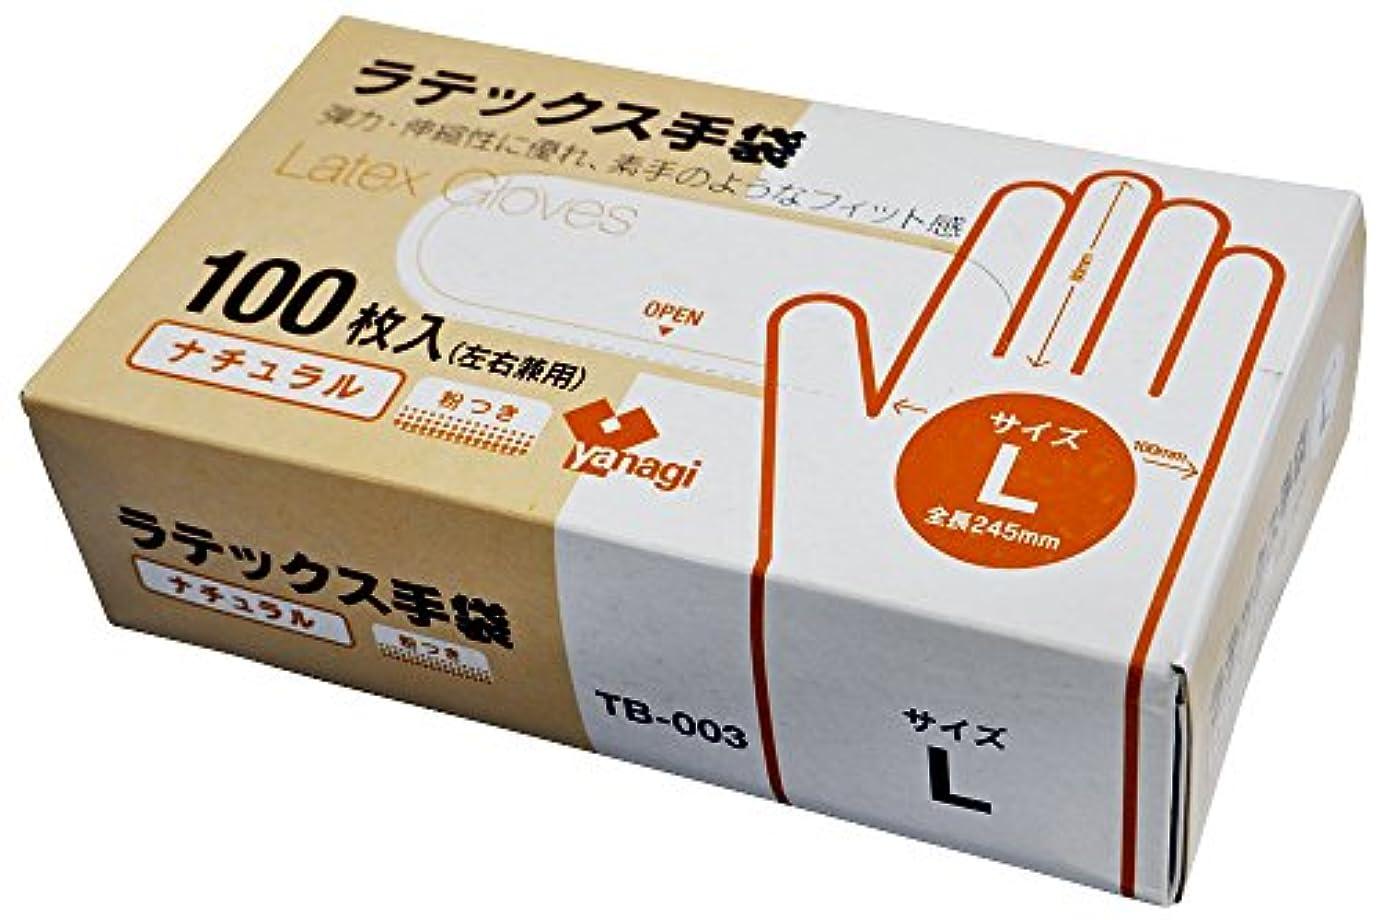 艦隊霊引数使い捨て ラテックス手袋 ナチュラル色 左右兼用 Lサイズ 100枚入 粉つき 食品衛生法規格基準適合品 TB-003